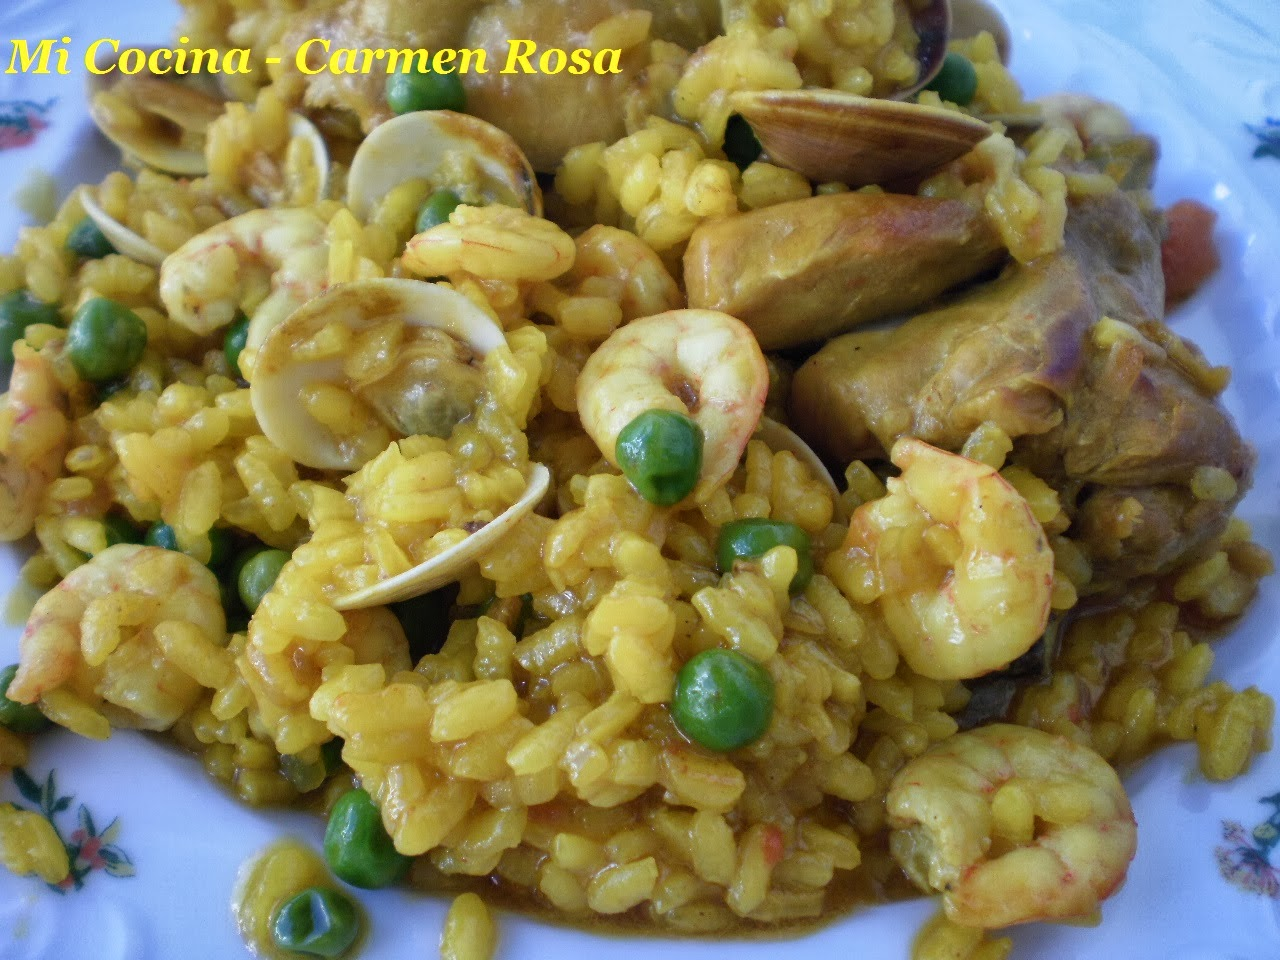 Mi cocina paella de arroz con pollo campero almejas y - Arroz con gambas y almejas ...